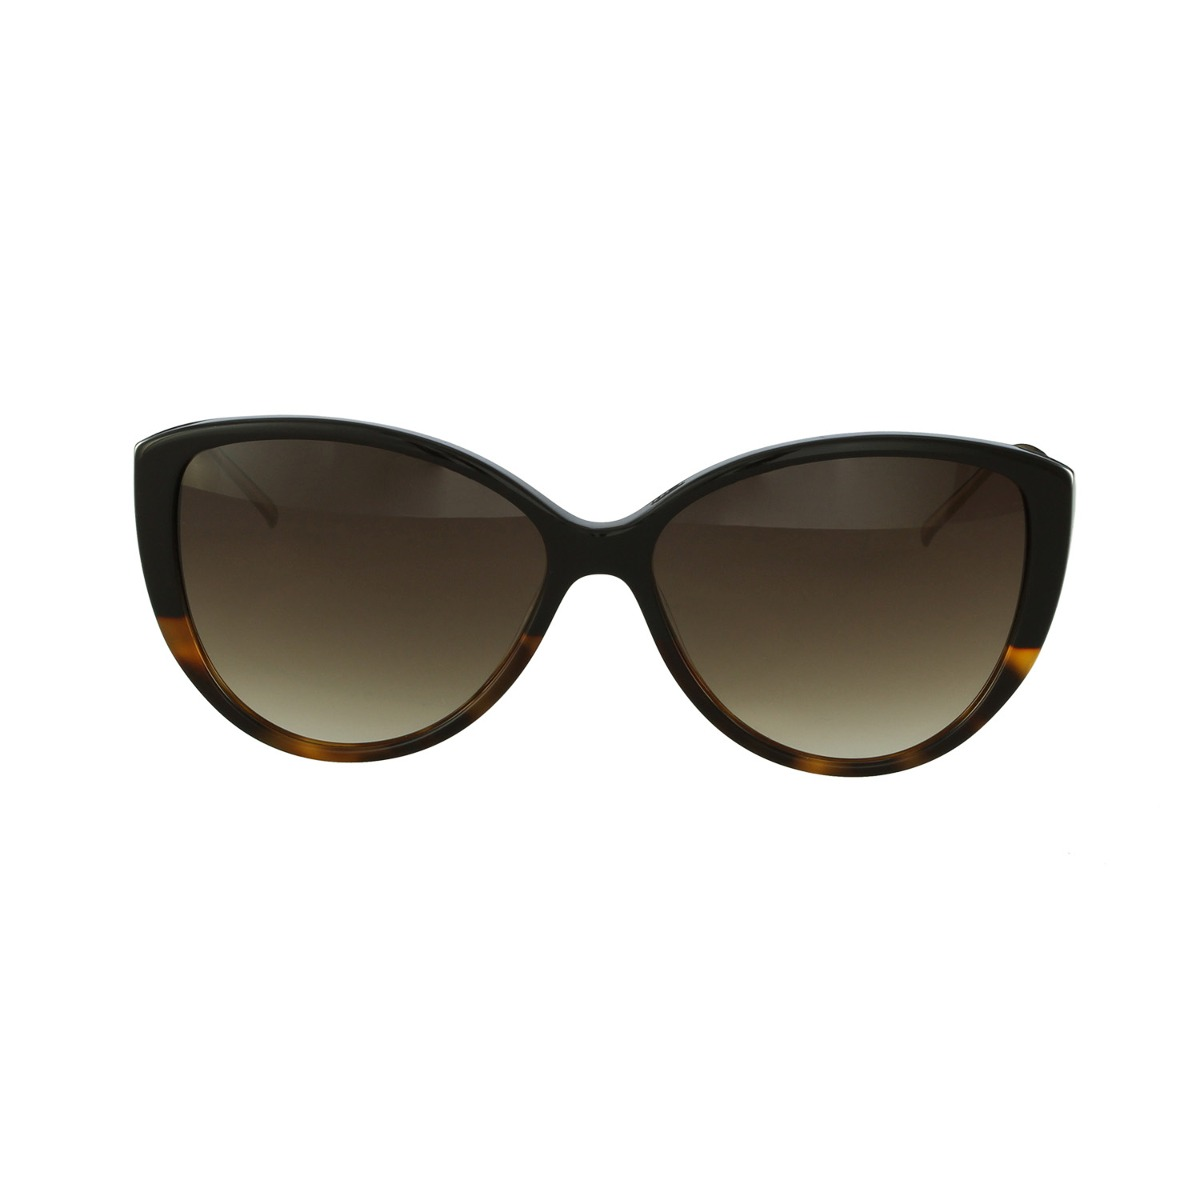 55d08d9ebc026 Óculos De Sol Ana Hickmann Gatinho Marrom - R  444,00 em Mercado Livre